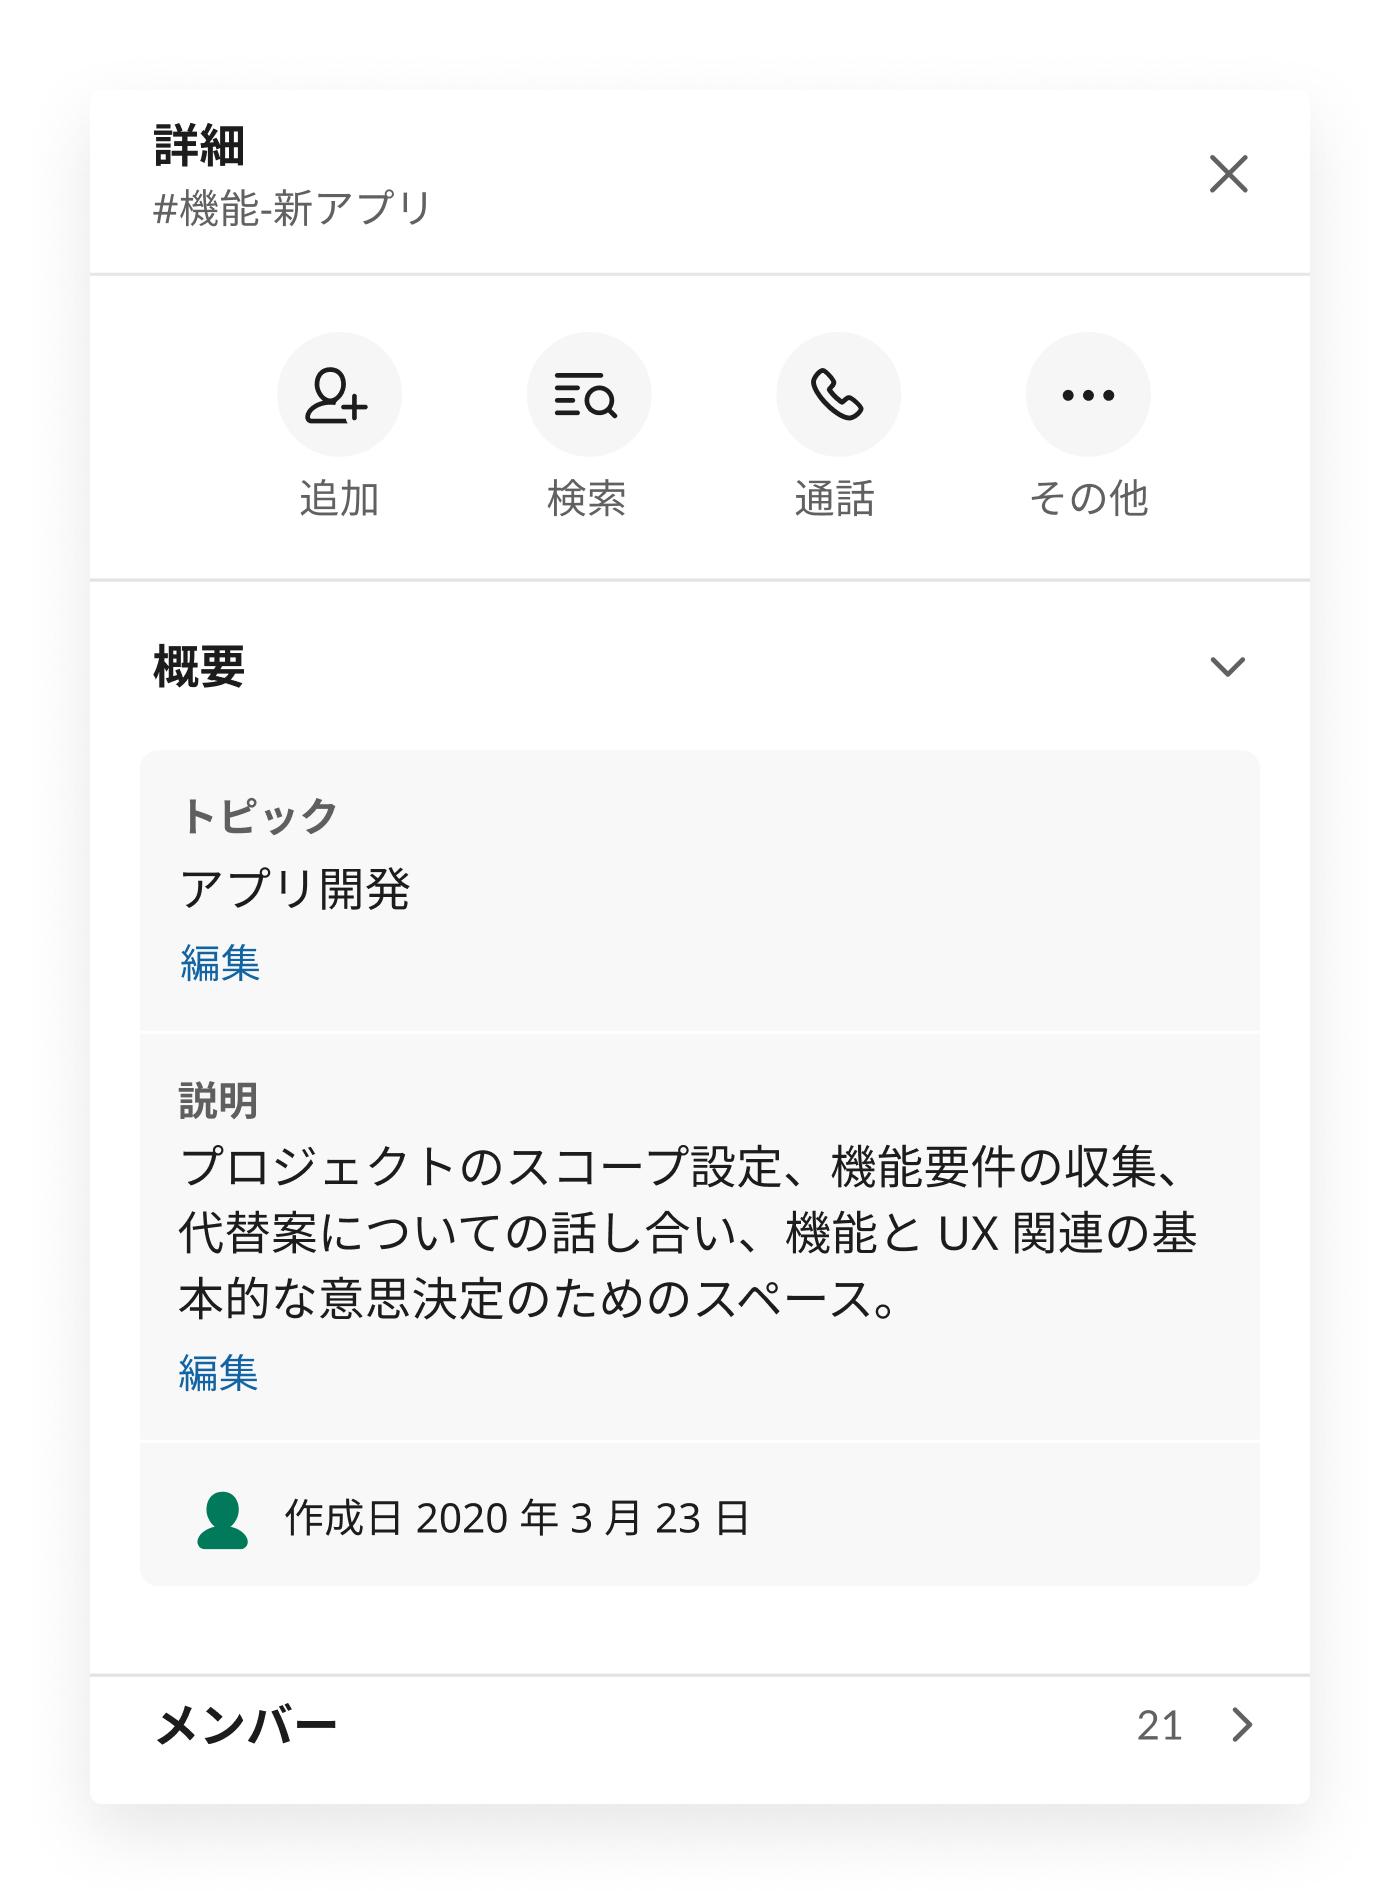 Slack チャンネルの詳細